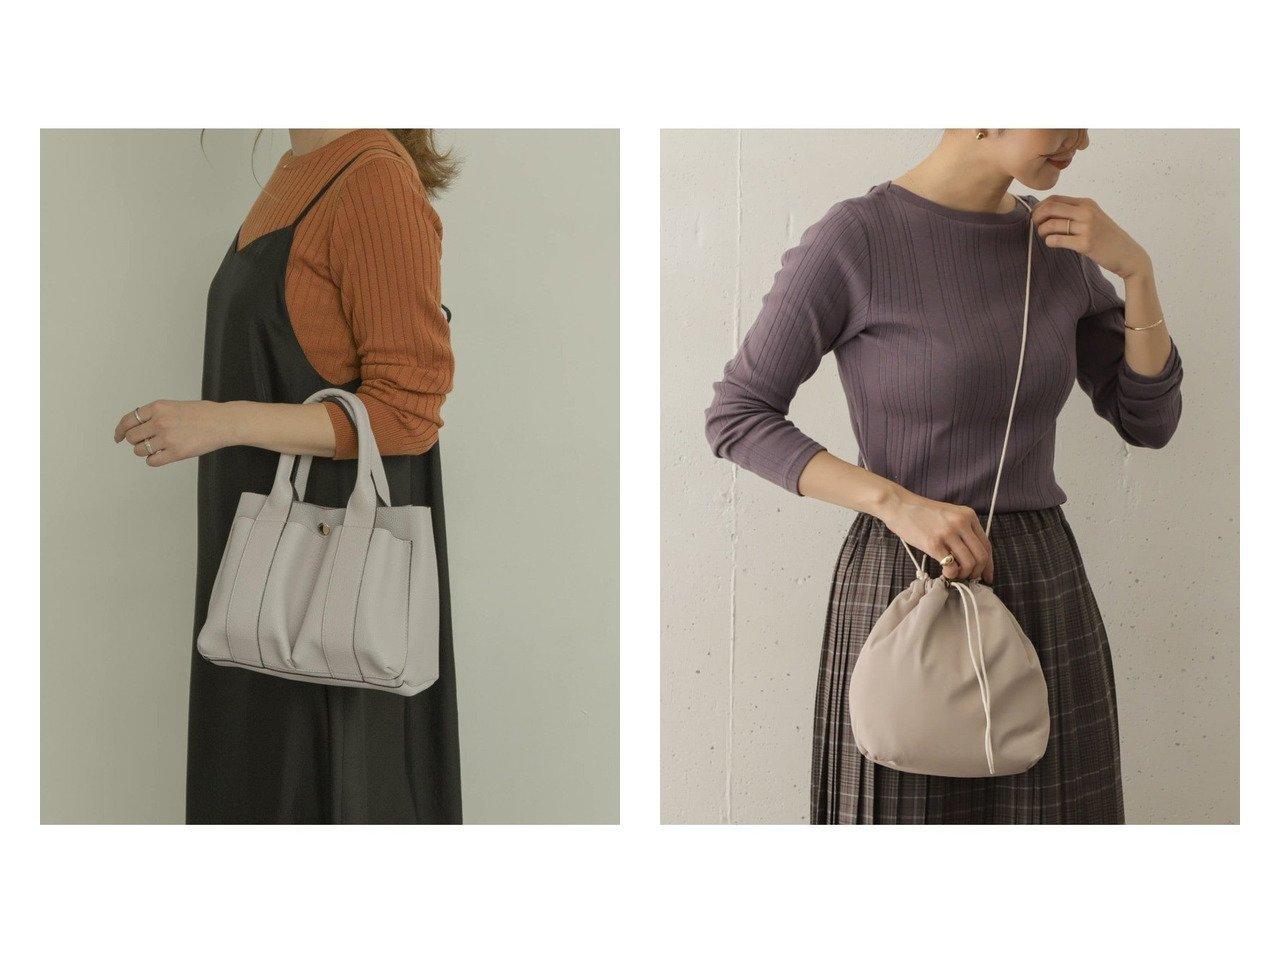 【URBAN RESEARCH DOORS/アーバンリサーチ ドアーズ】のクッション巾着バッグ&【RODE SKO/ロデスコ】のMIIA プチダブルポケットトート バッグ・鞄のおすすめ!人気、トレンド・レディースファッションの通販  おすすめで人気の流行・トレンド、ファッションの通販商品 メンズファッション・キッズファッション・インテリア・家具・レディースファッション・服の通販 founy(ファニー) https://founy.com/ ファッション Fashion レディースファッション WOMEN バッグ Bag NEW・新作・新着・新入荷 New Arrivals コンパクト ショルダー ポケット ポーチ クッション 巾着 |ID:crp329100000009903